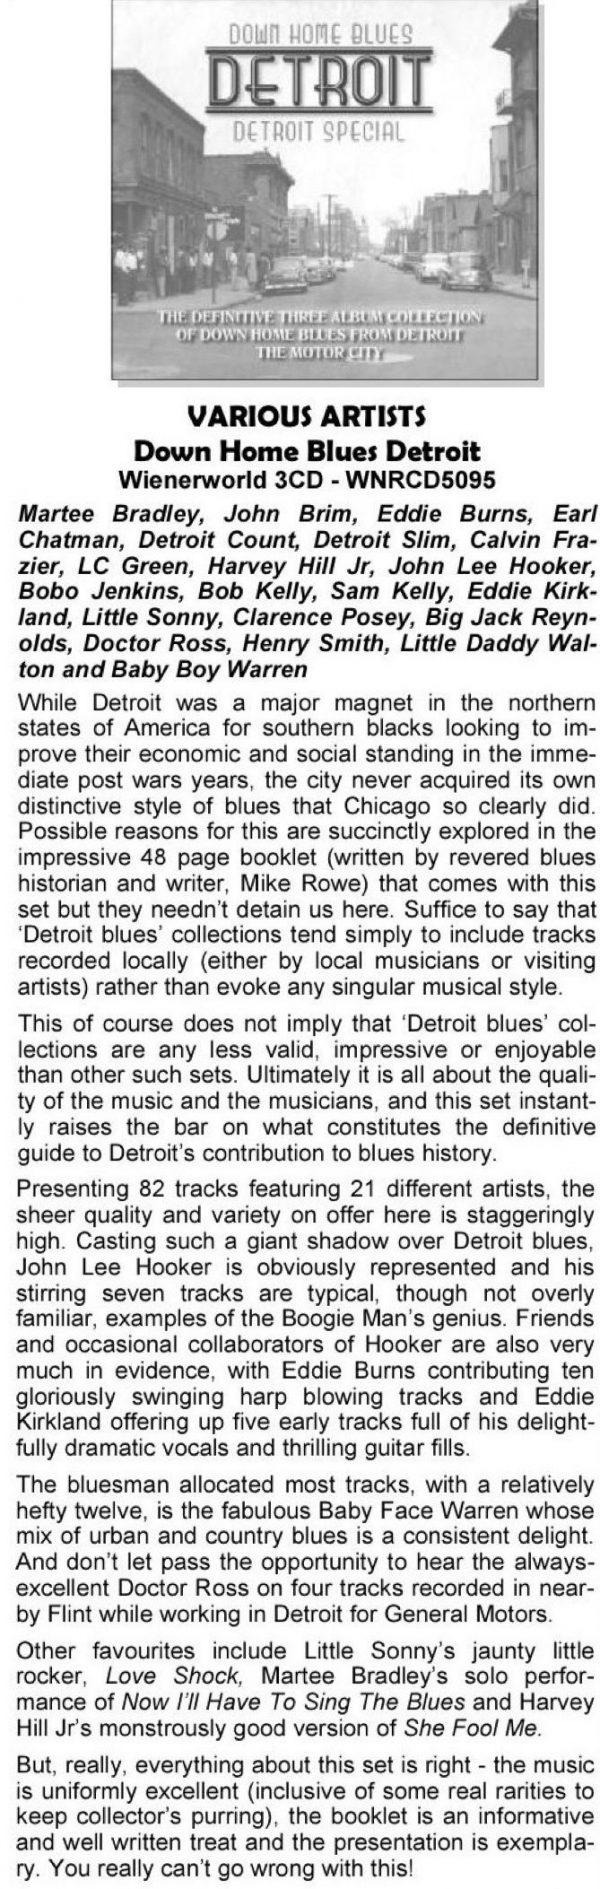 Down Home Blues Detroit - Detroit Special (3 discs)-1787